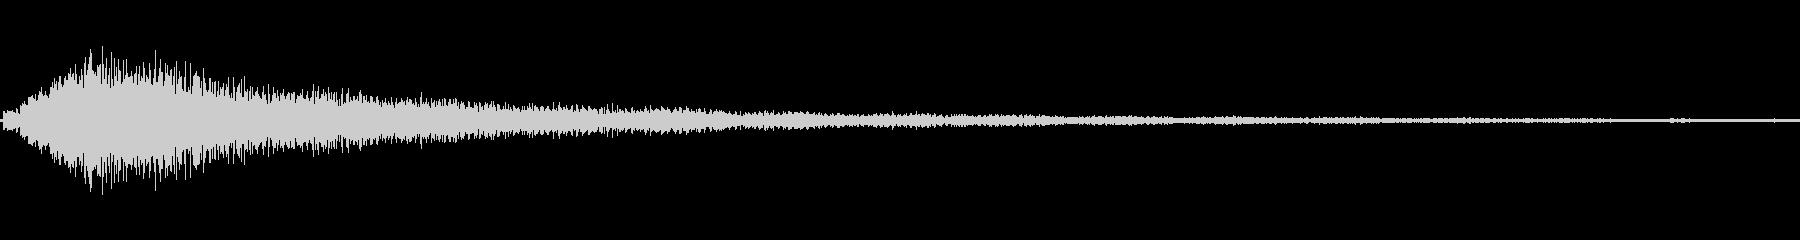 ハープグリスコードダウン高速bの未再生の波形